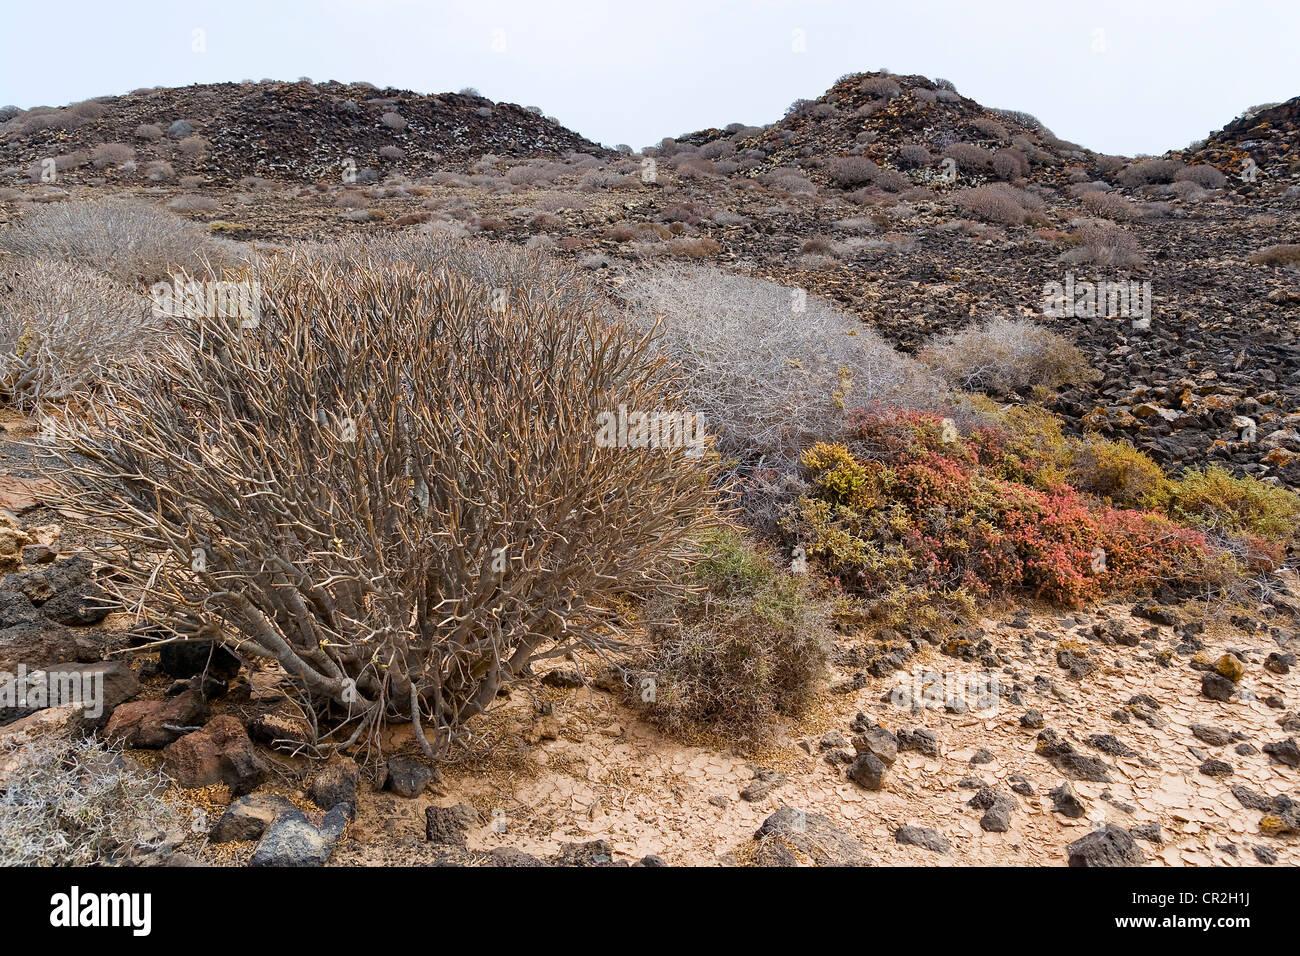 Fioritura di piante succulente nella isola di Lobos, Fuerteventura, Isole Canarie, Spagna Immagini Stock